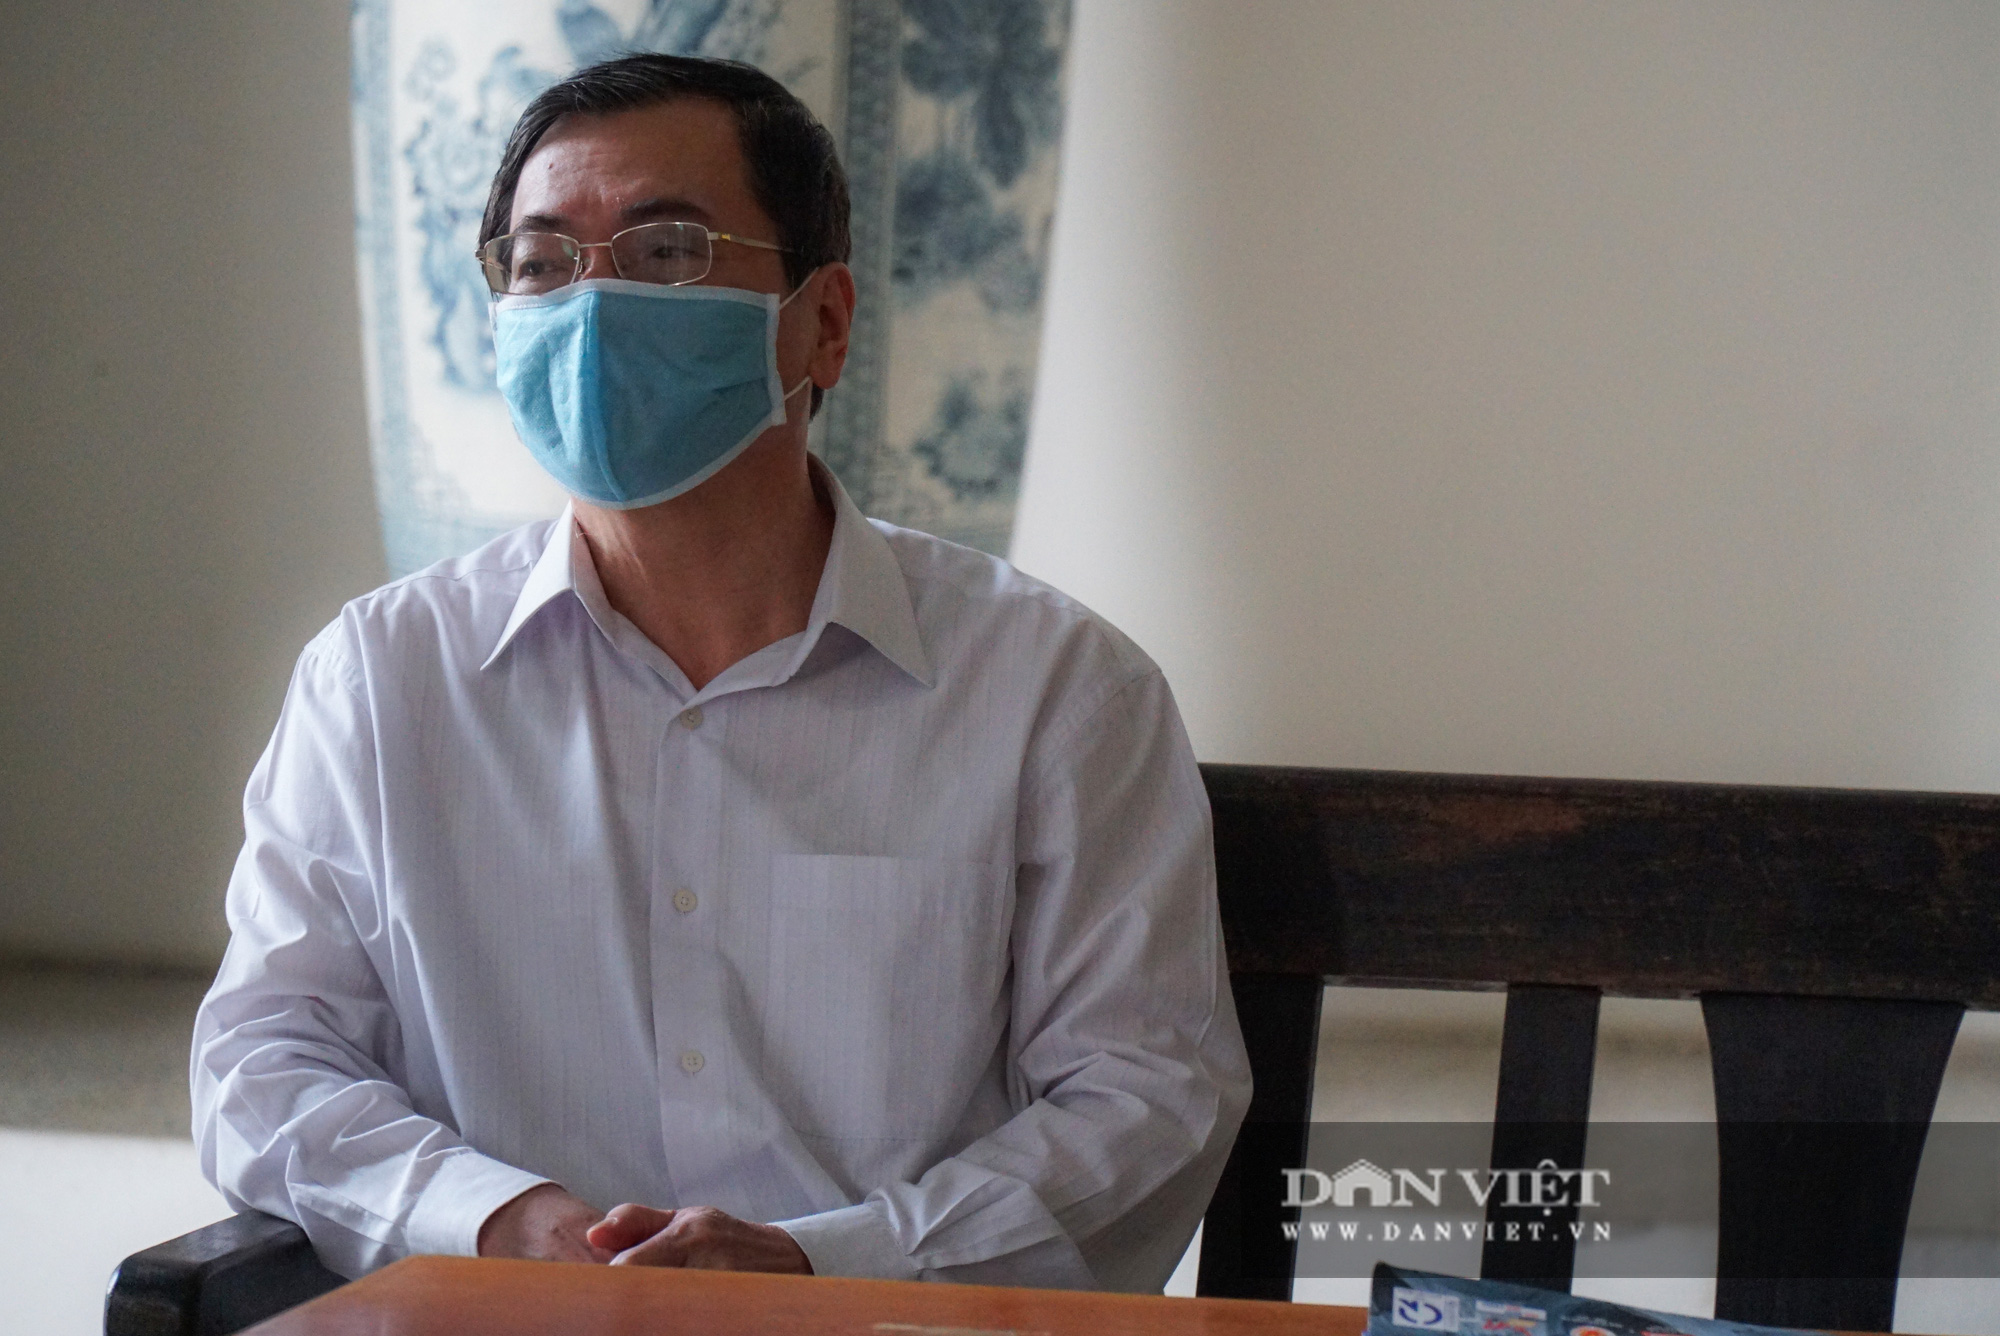 Cựu Bộ trưởng Vũ Huy Hoàng trông thế nào ở phiên xử lần thứ 3? - Ảnh 6.